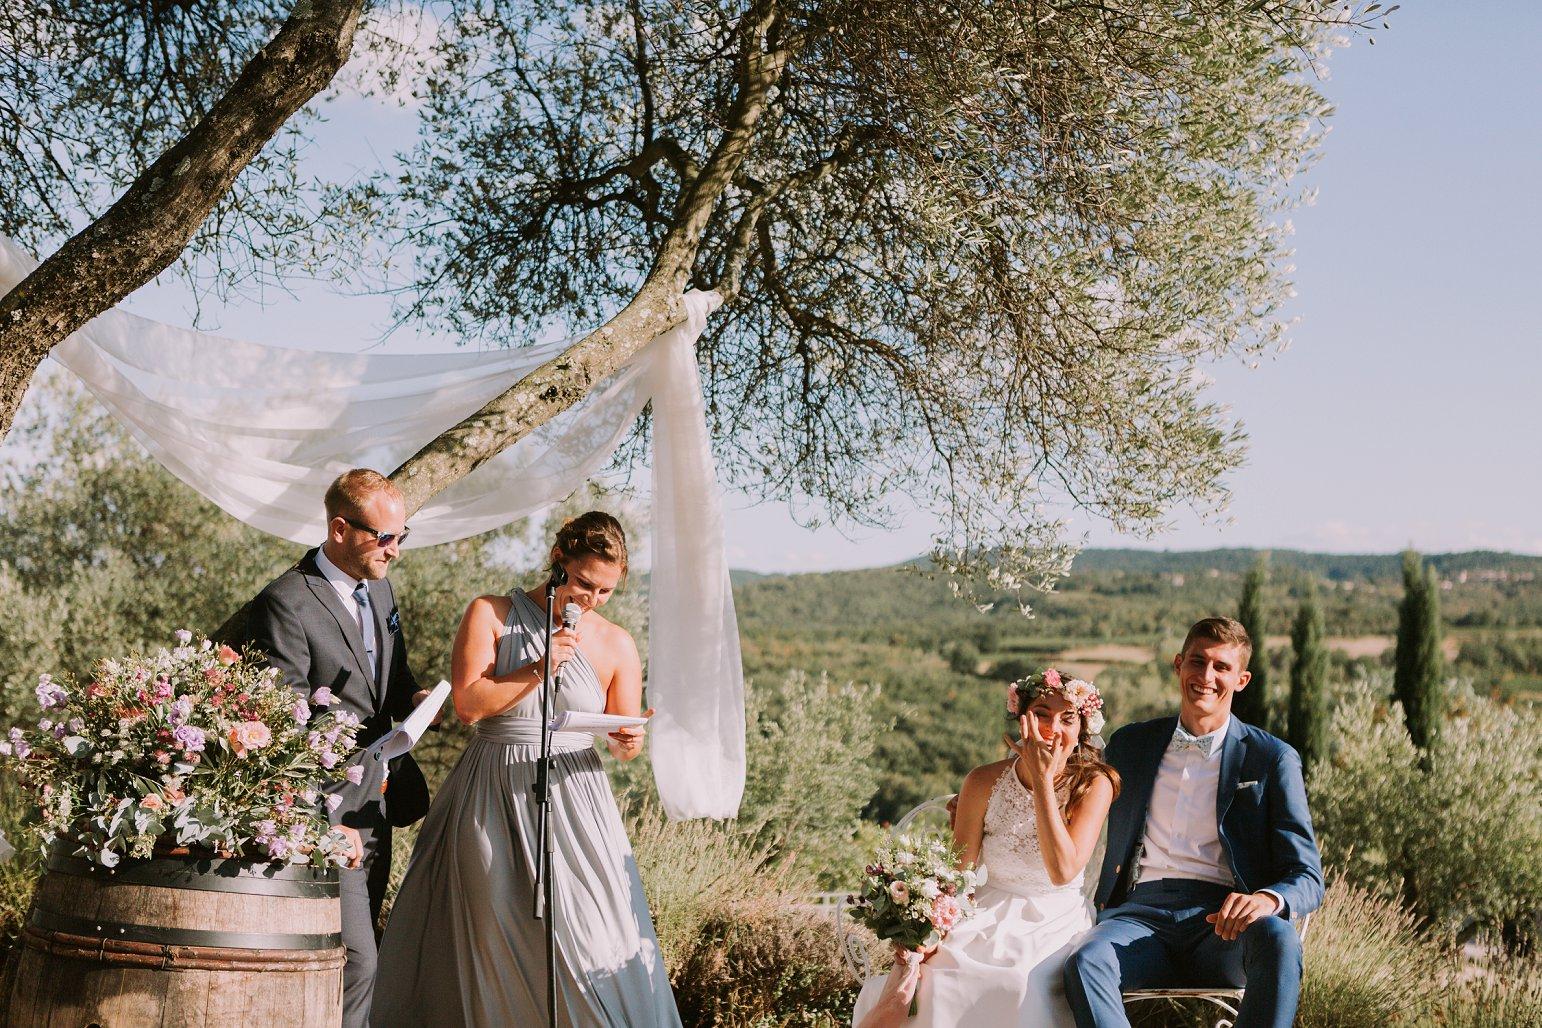 kateryna-photos-mariage-wedding-france-ardeche-domaine-clos-hullias-Saint-Christol-de-Rodière-gard-cevennes_0203.jpg